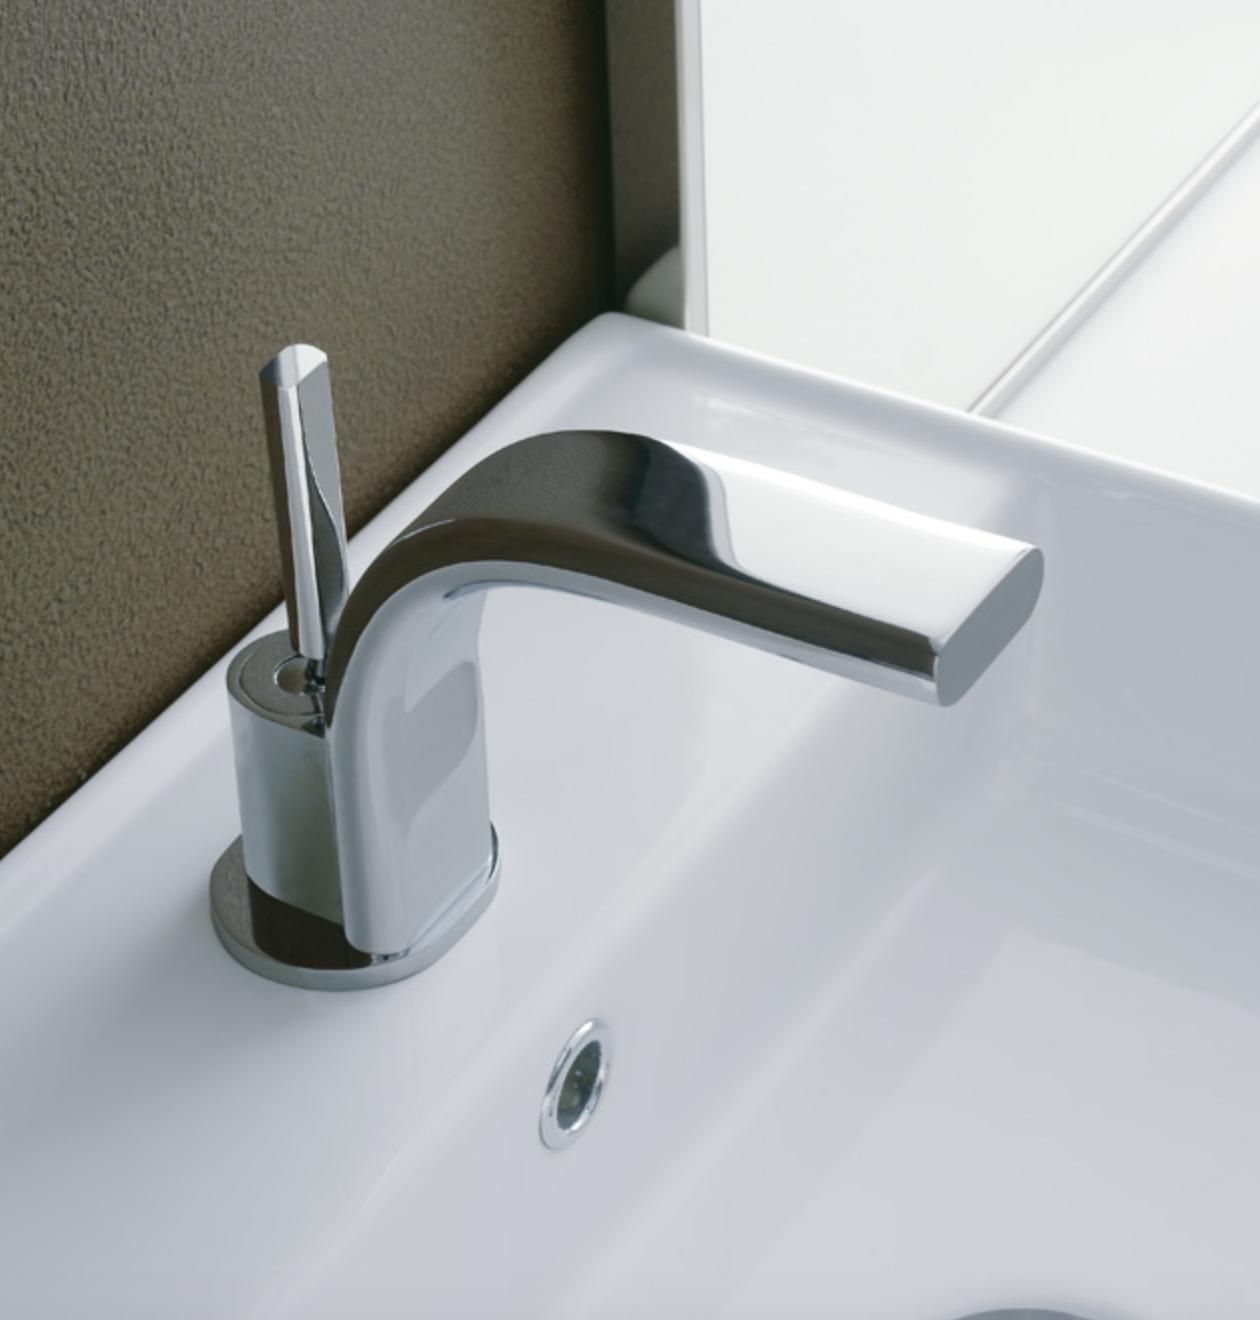 Robinet de salle de bains elot mitigeur lavabo bec bas for Robinet salle de bain ikea